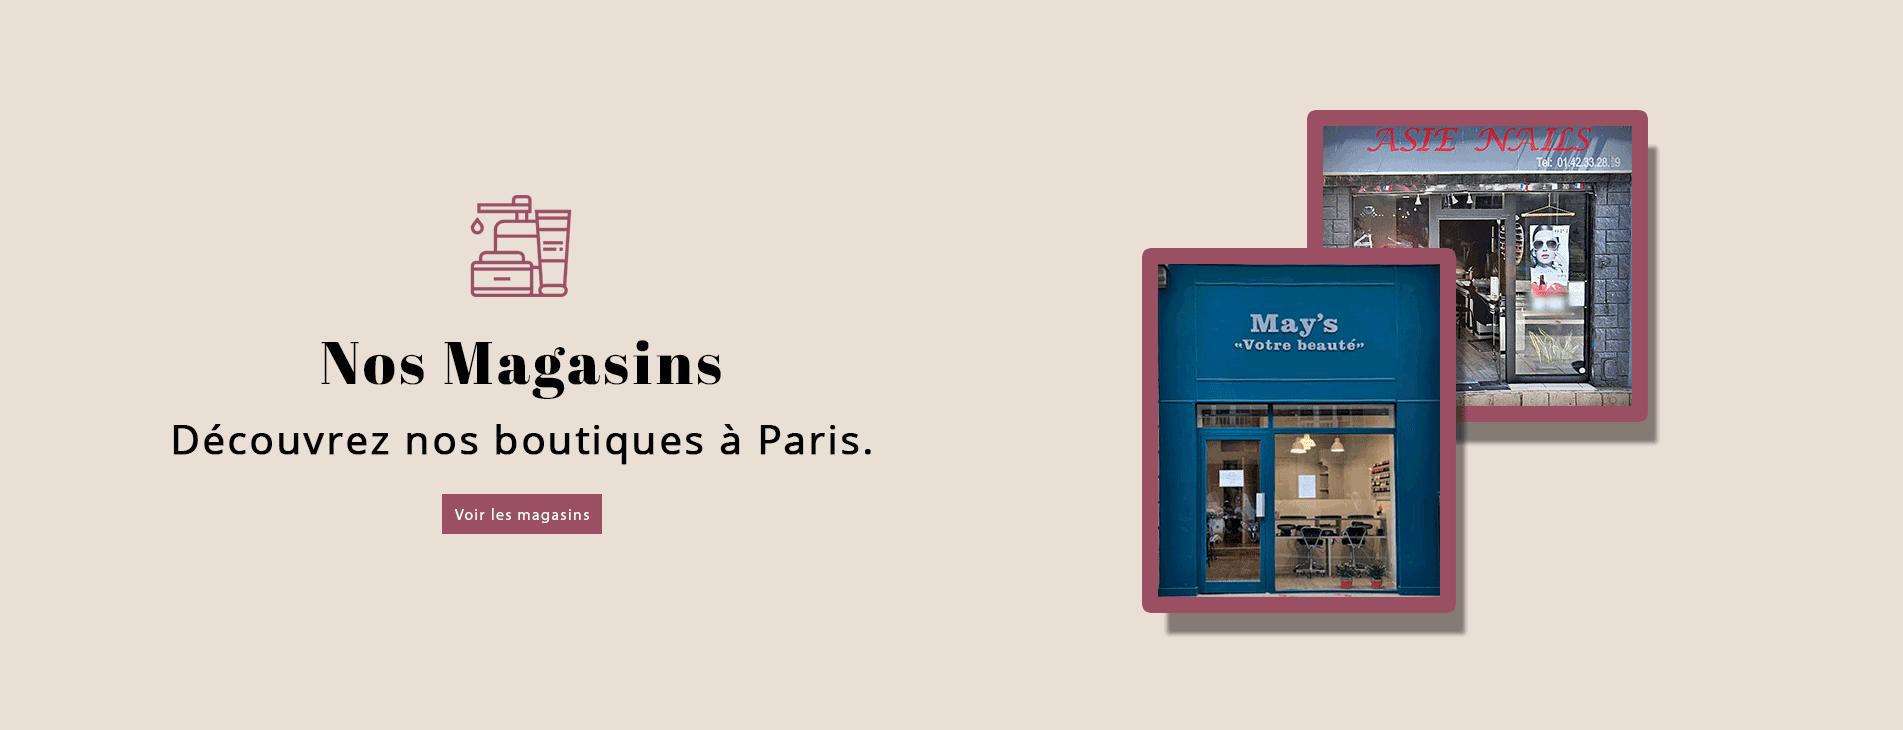 Adresses et horaires de nos magasins Asie Nails et May's «Votre beauté».